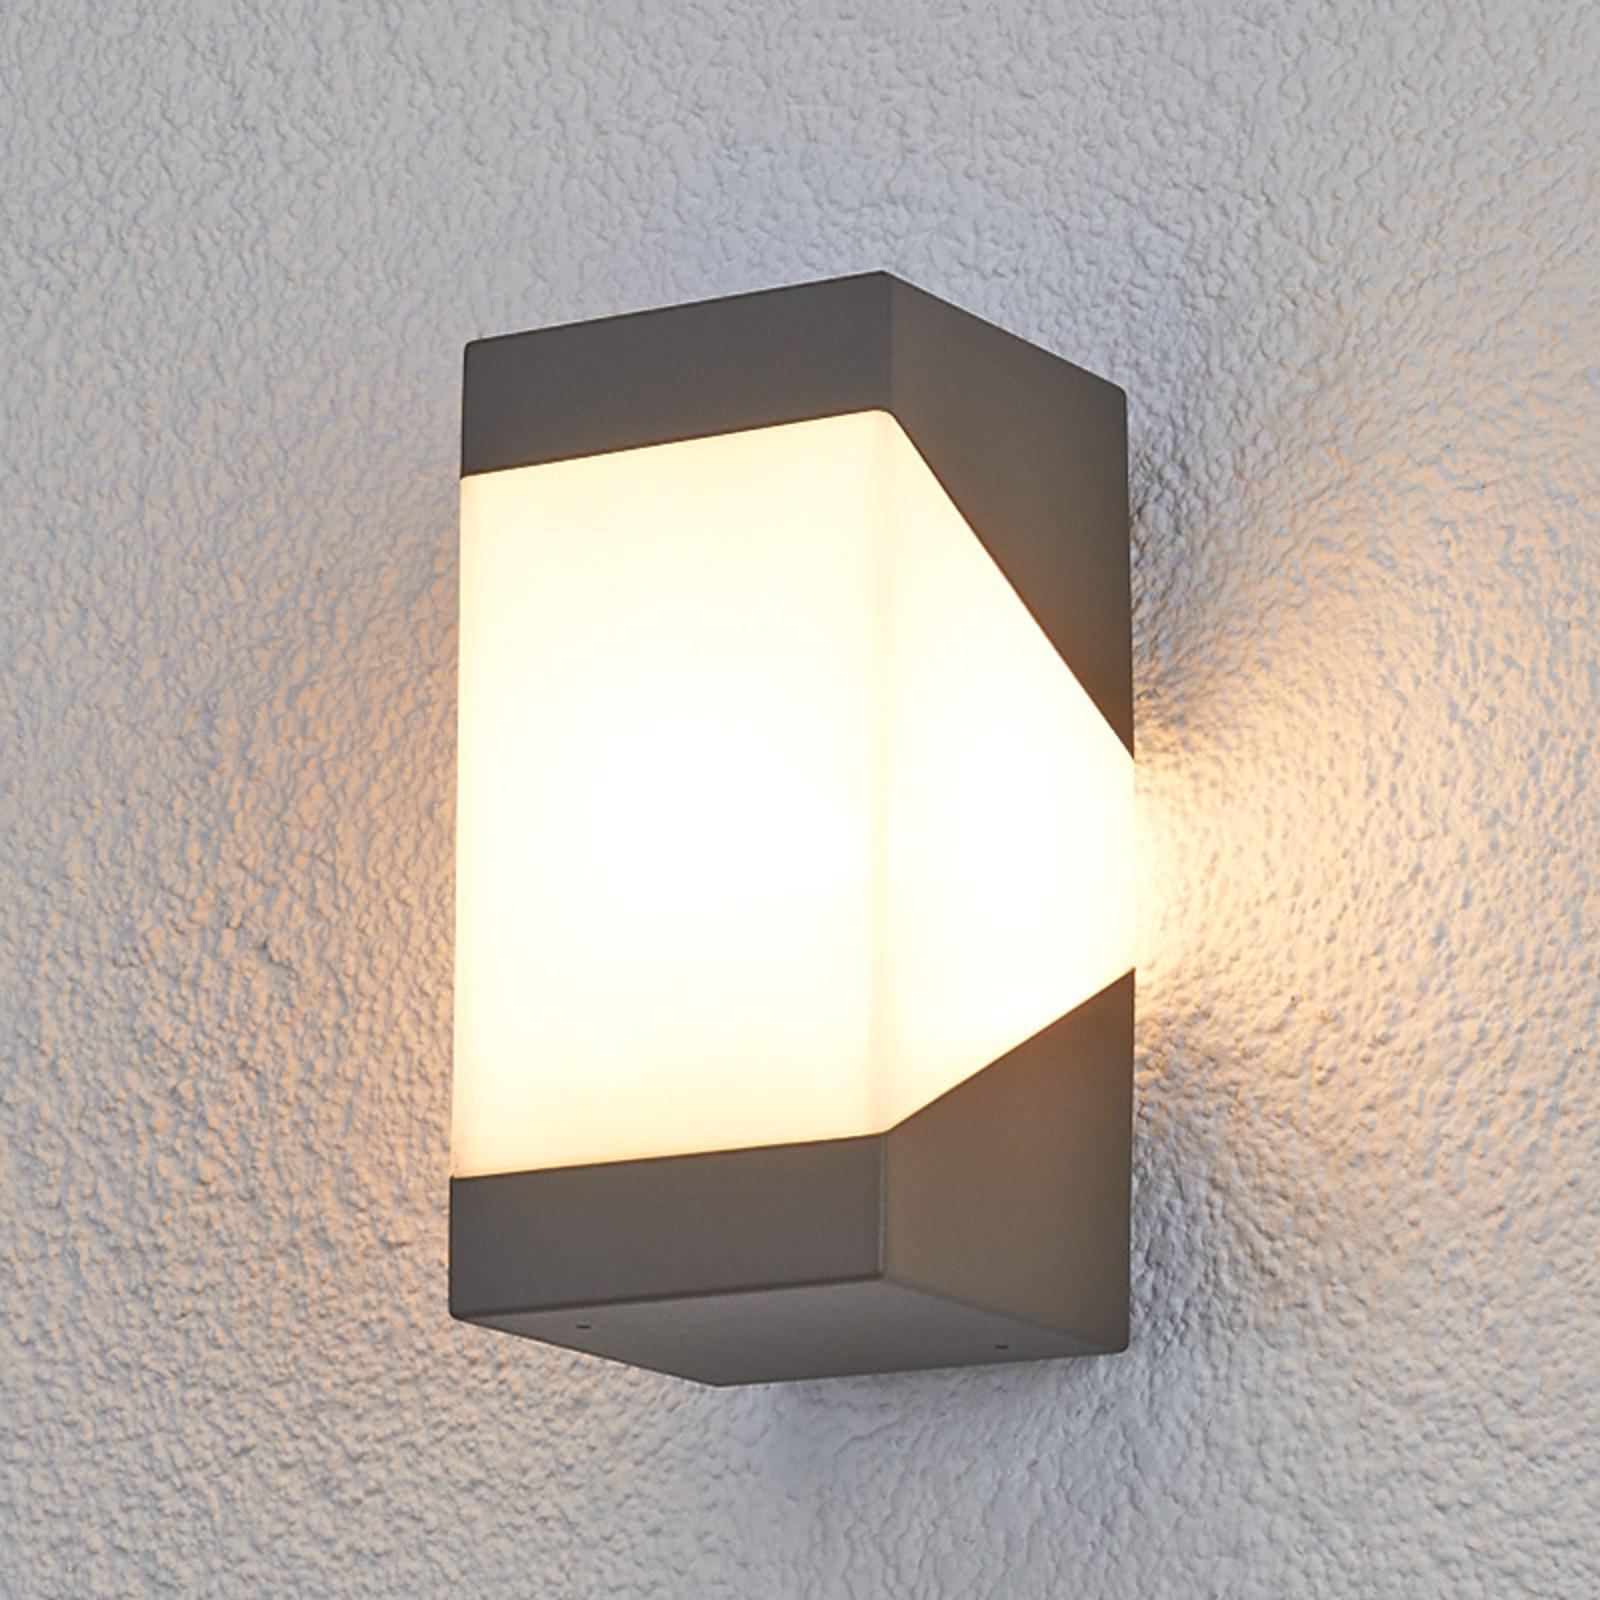 Effektfuld udendørsvæglampe Kiran